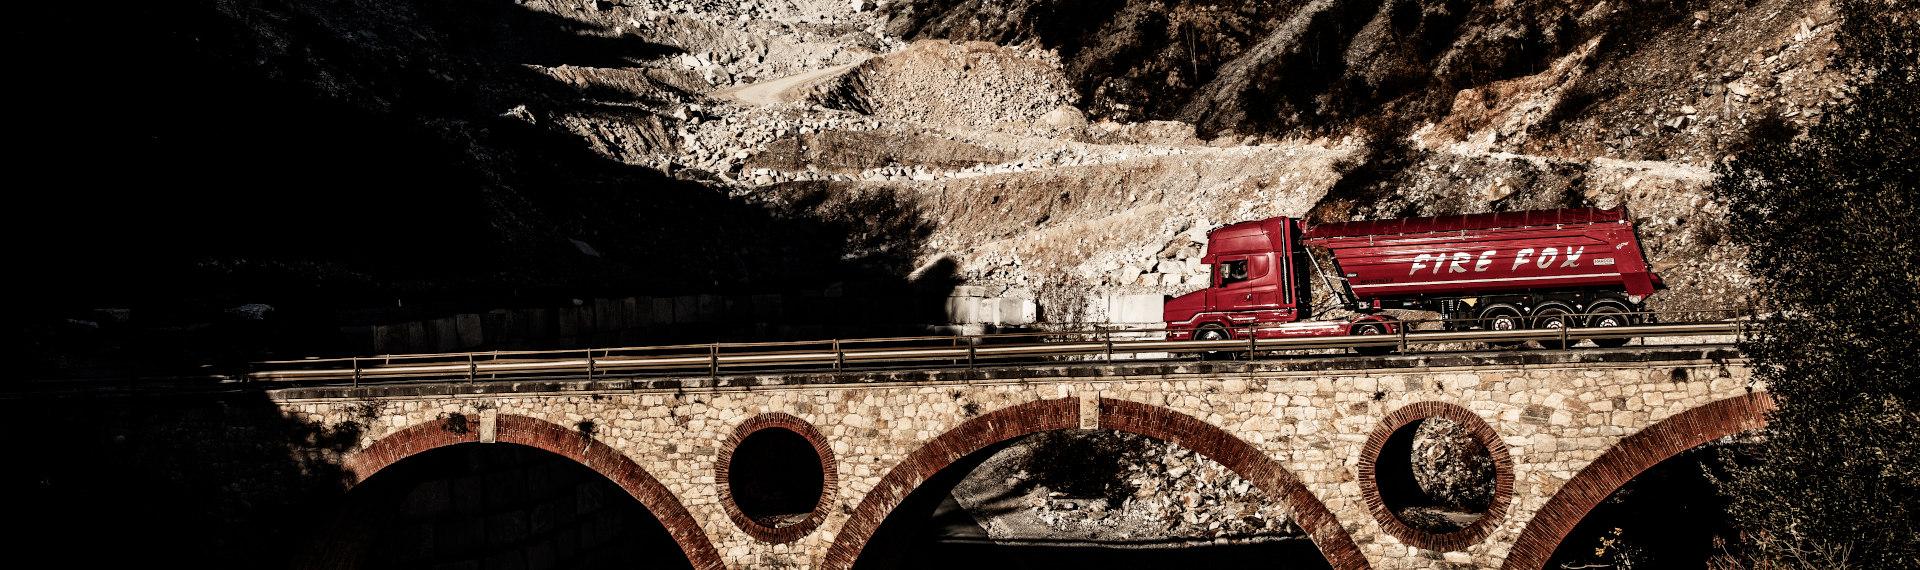 Ein flammend roter Fire Fox Lkw aus Hardox 500 Tuf Stahlblech, der eine Brücke überquert